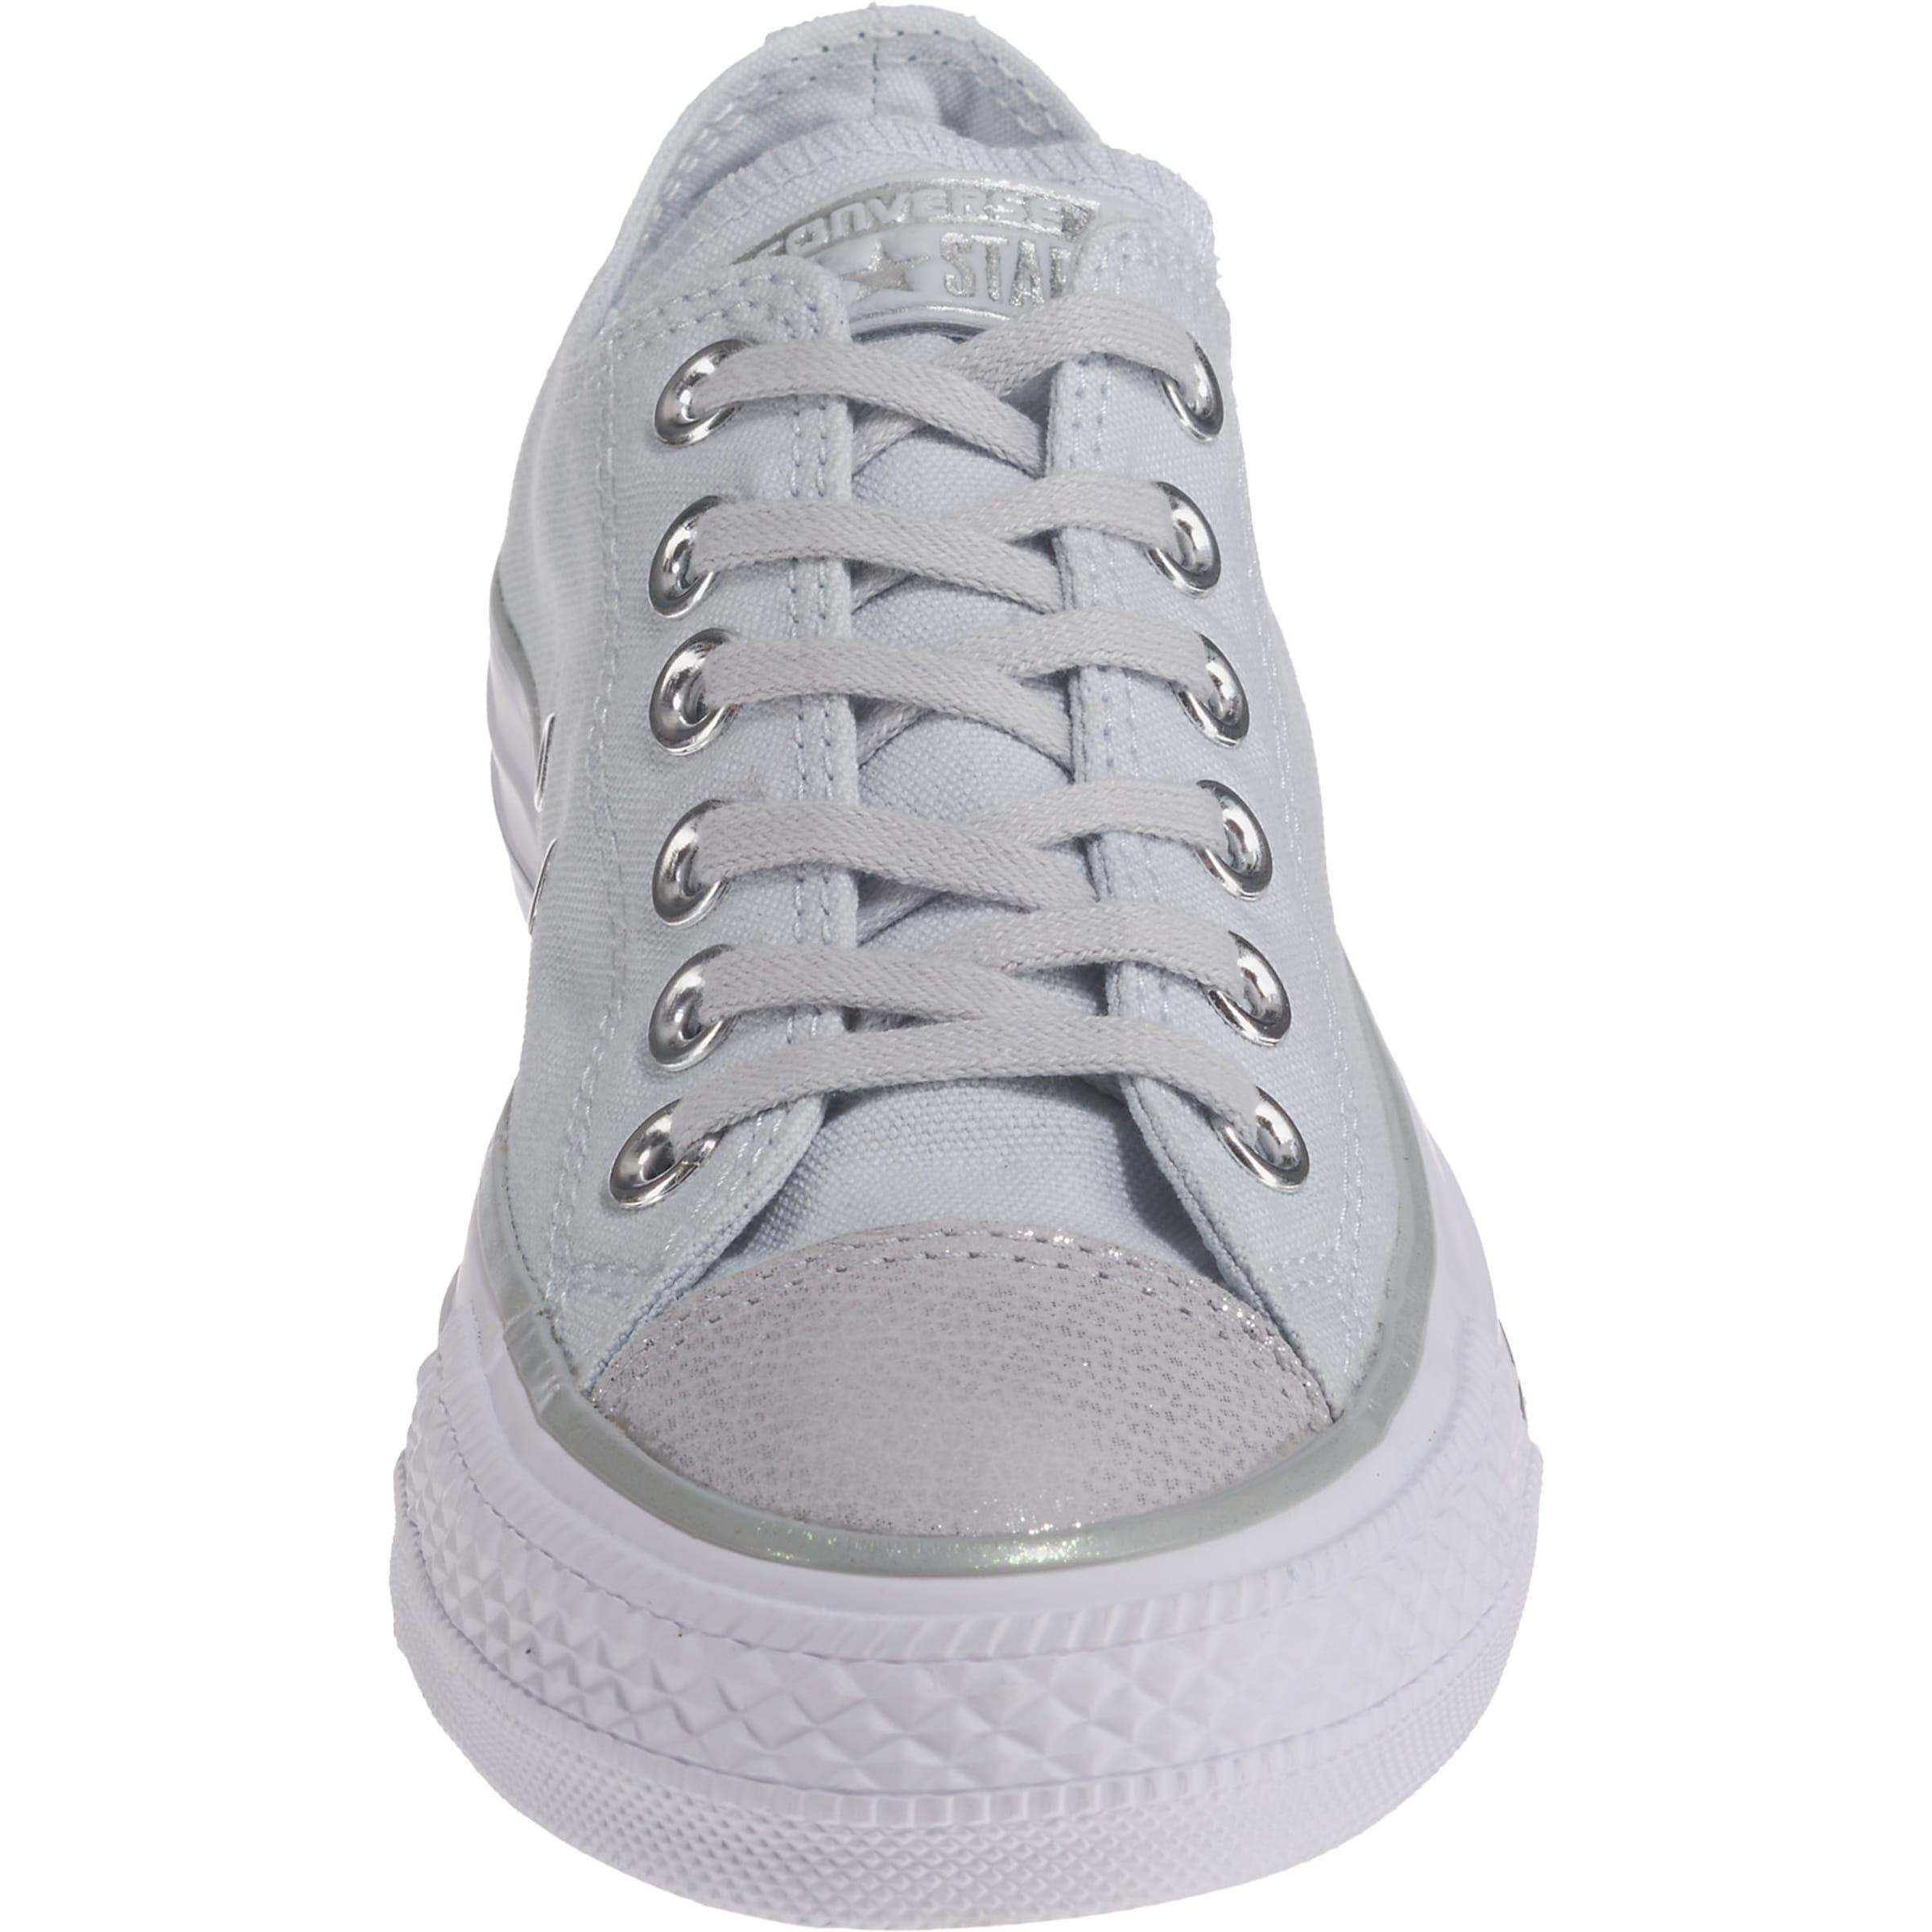 Günstig Kaufen Besuch Neu Kaufen CONVERSE Sneakers wZ7qhQU